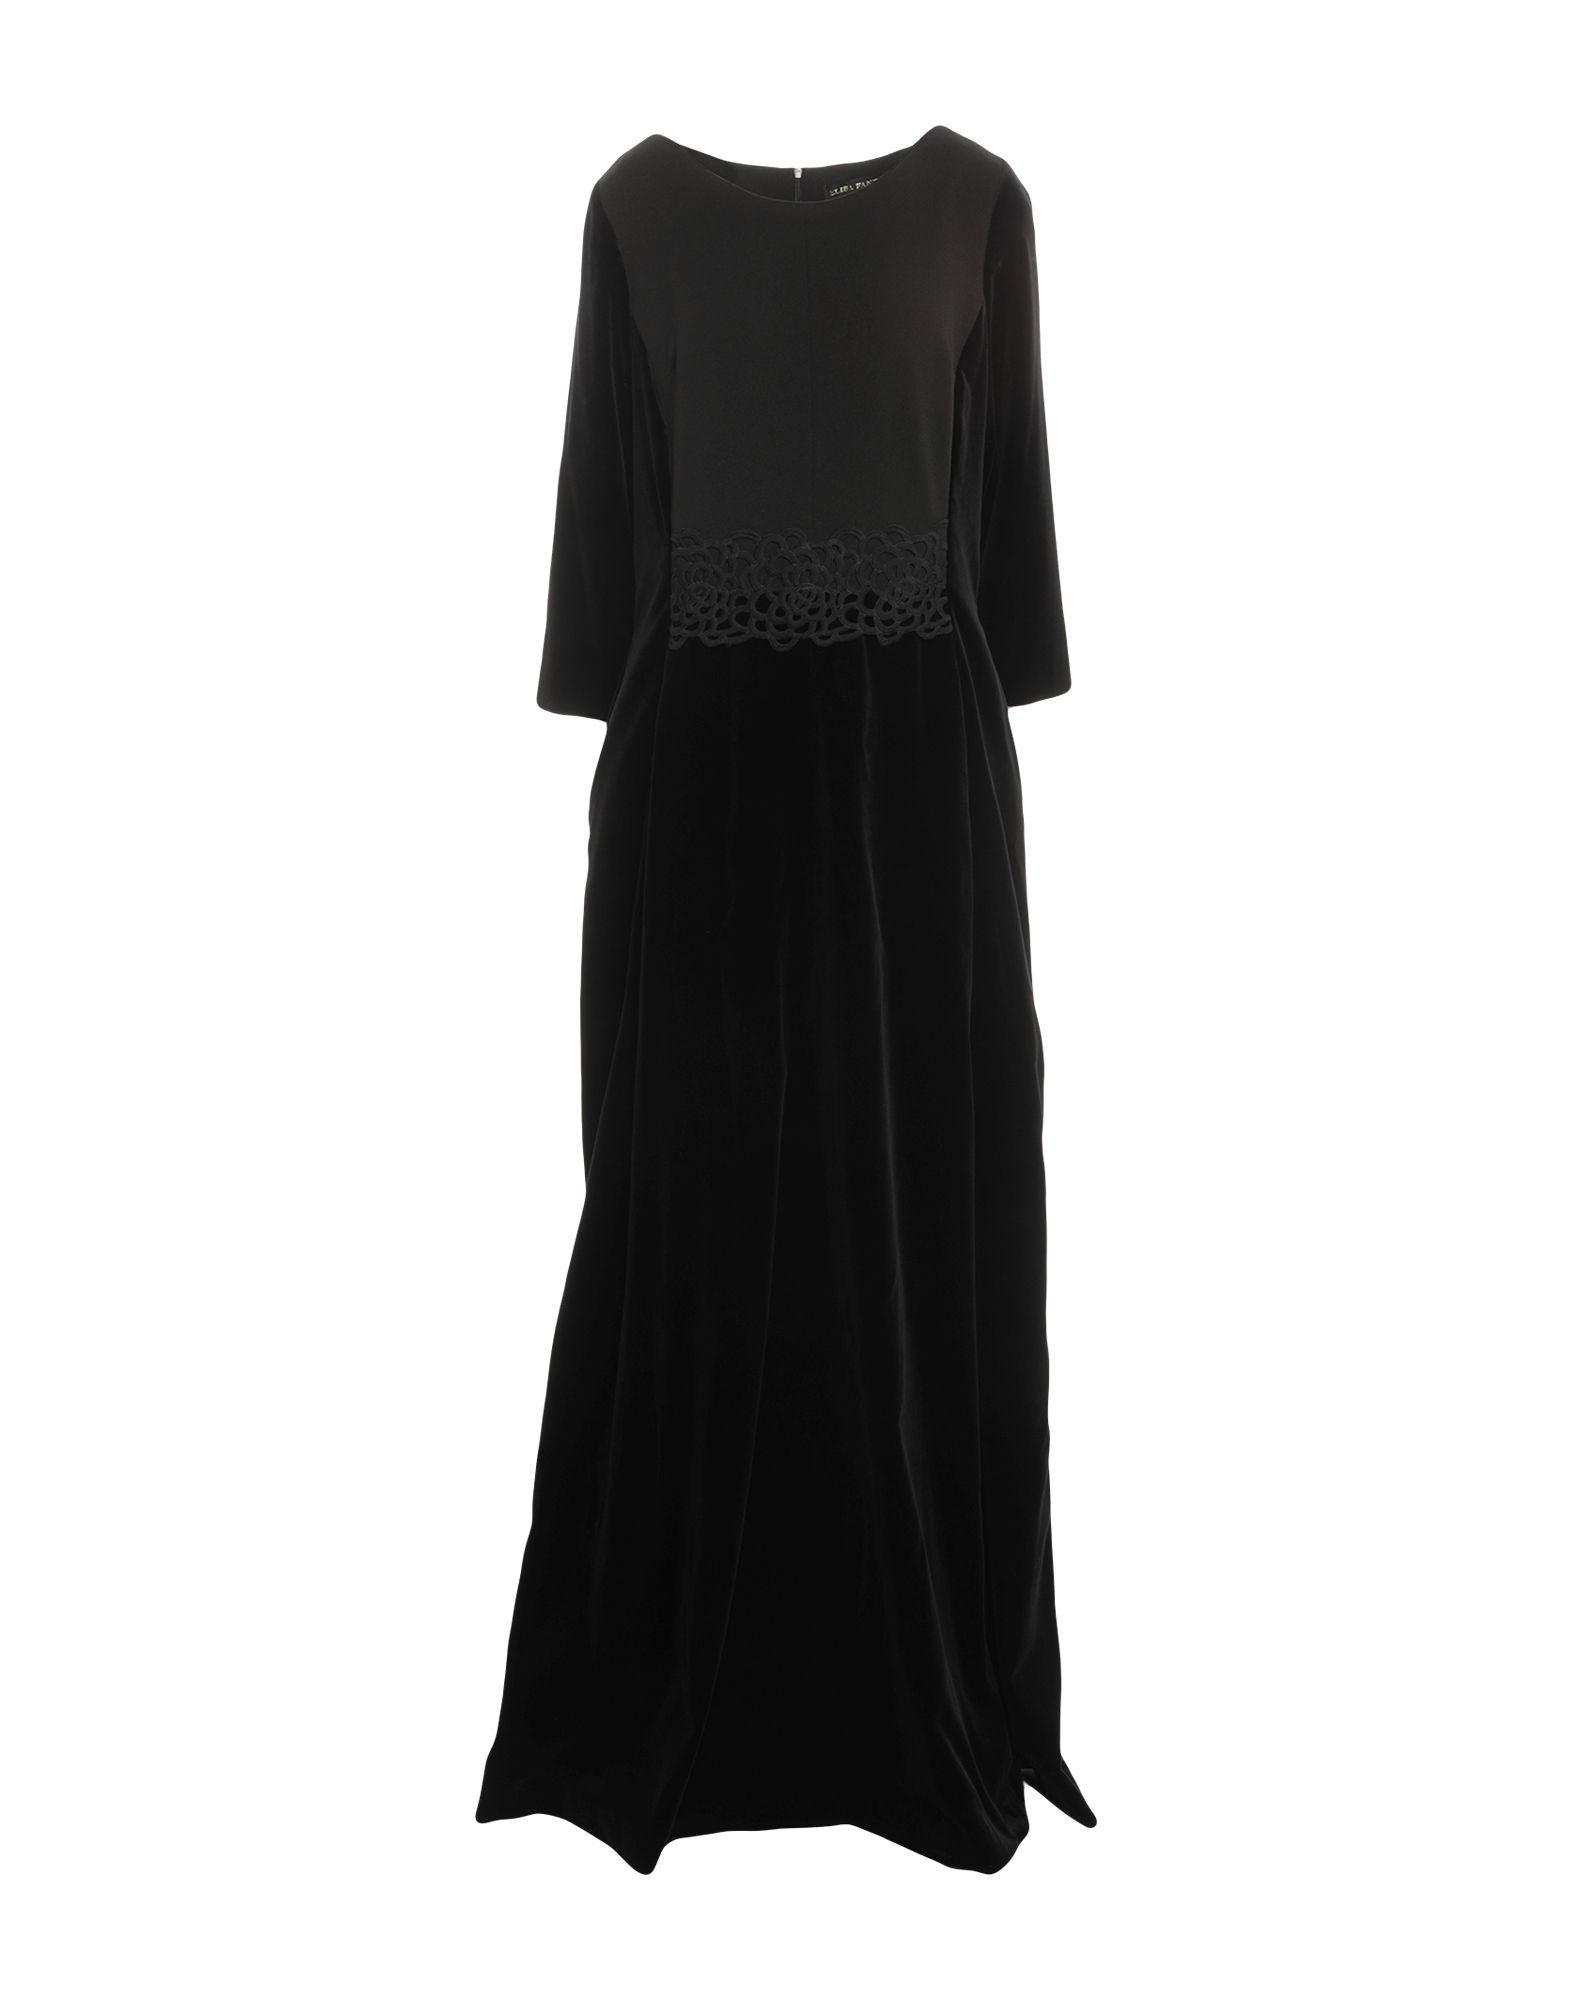 《セール開催中》ELISA FANTI レディース ロングワンピース&ドレス ブラック 48 ポリエステル 94% / ポリウレタン 6% / コットン / レーヨン